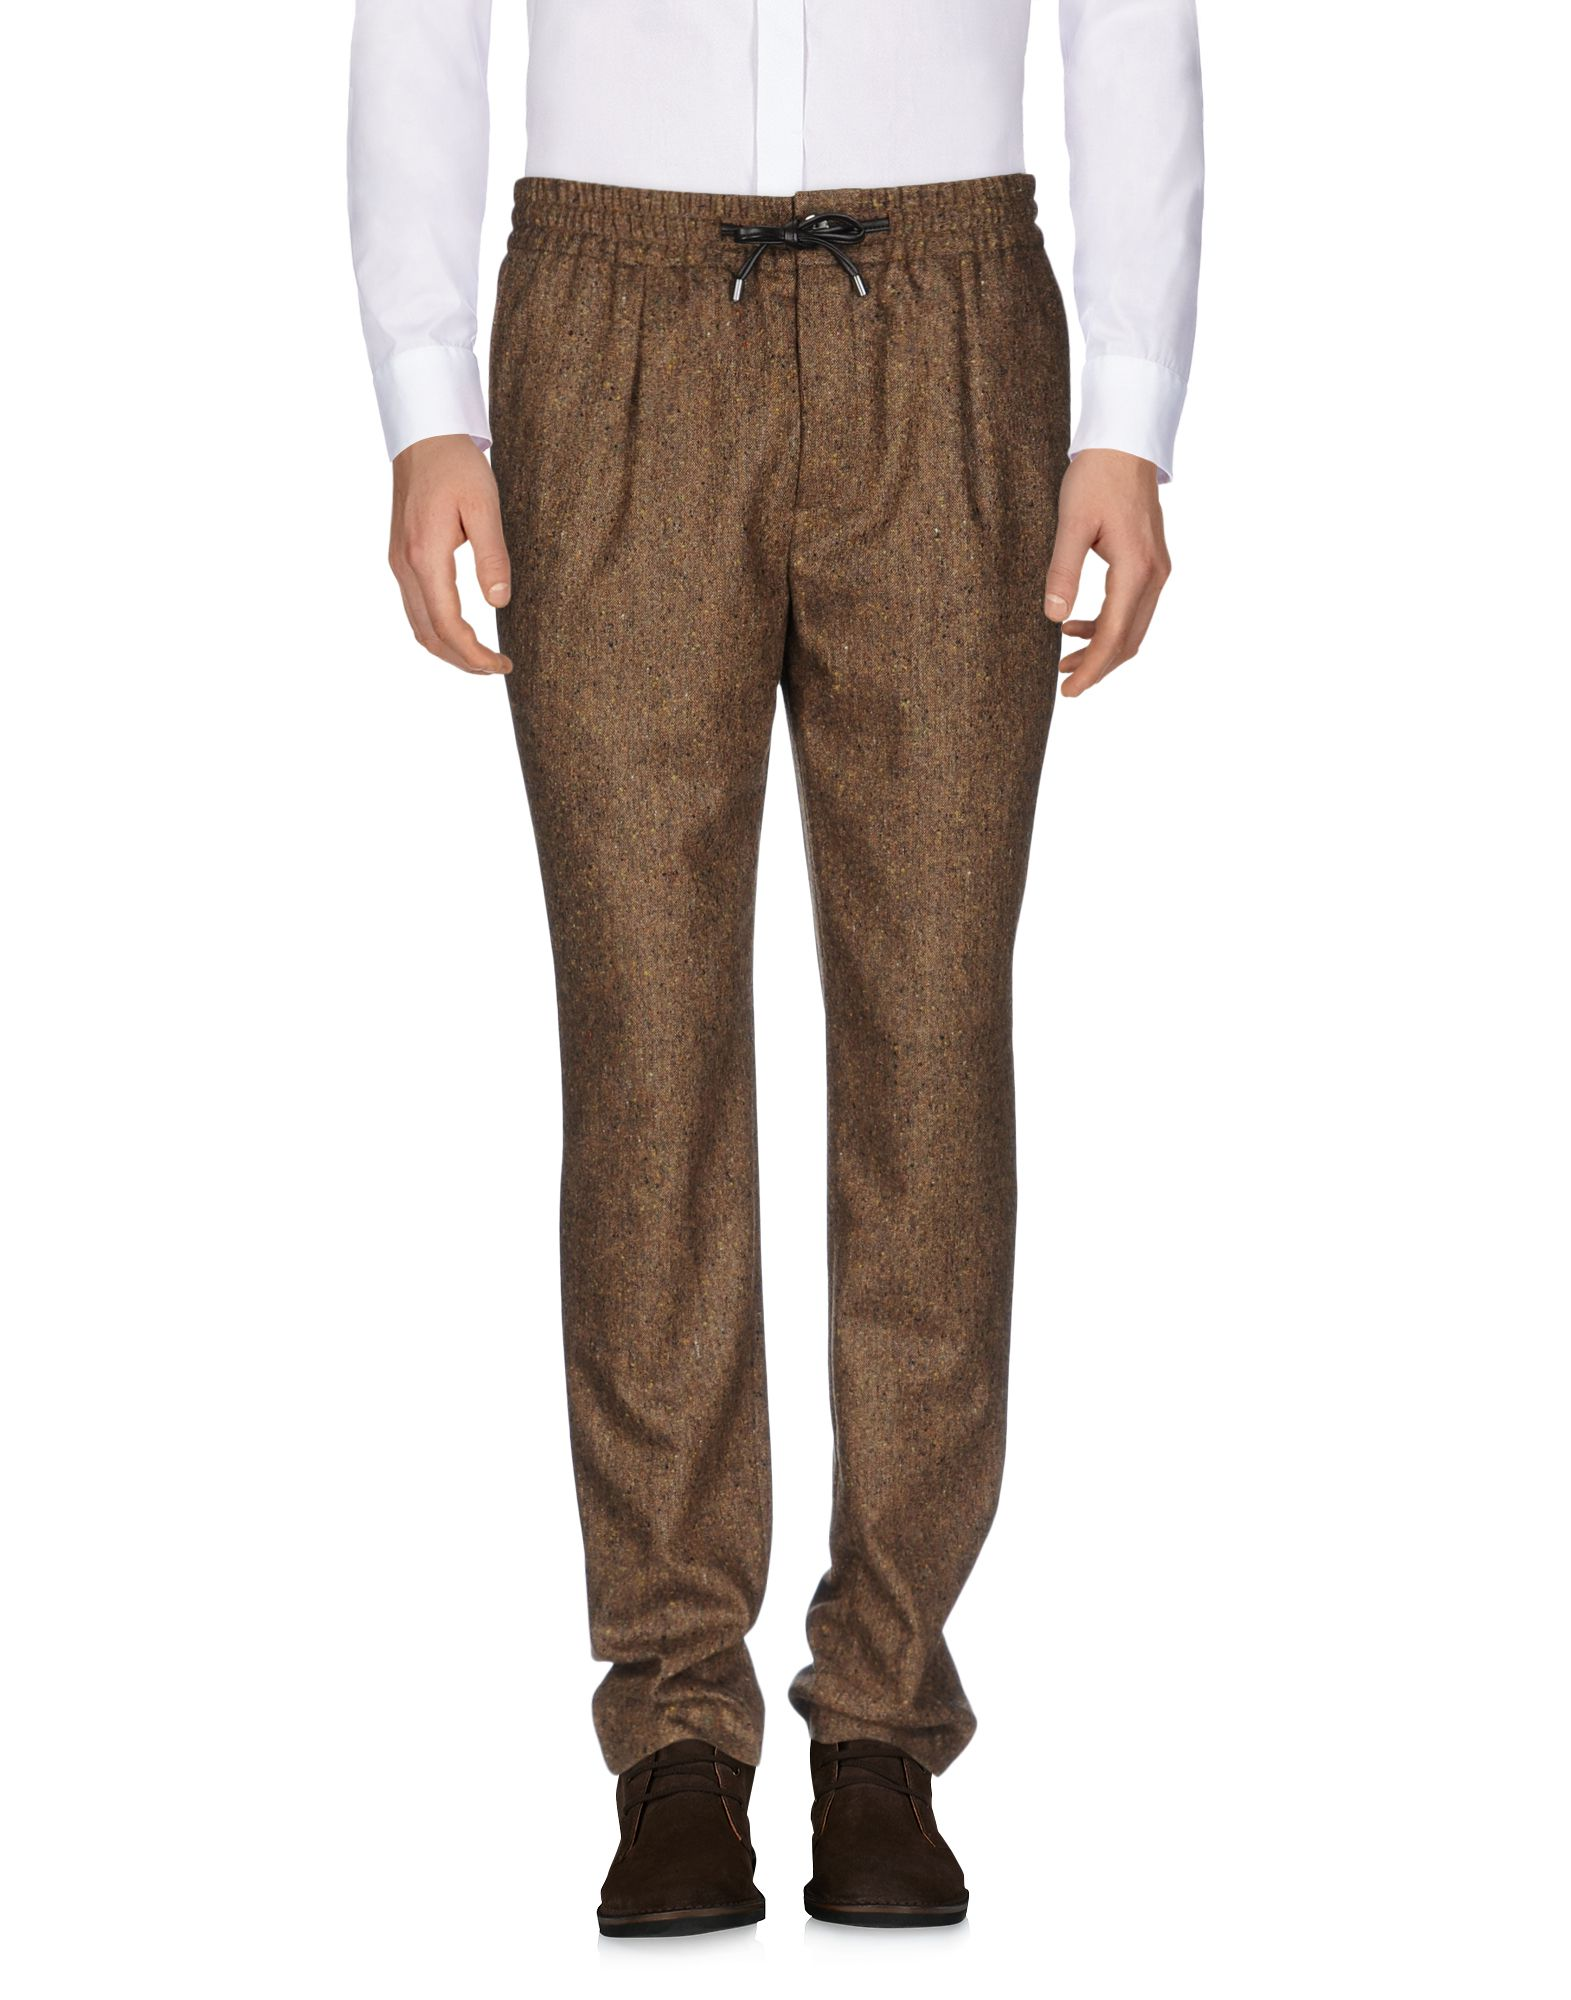 BERNARDO GIUSTI Casual Pants in Brown